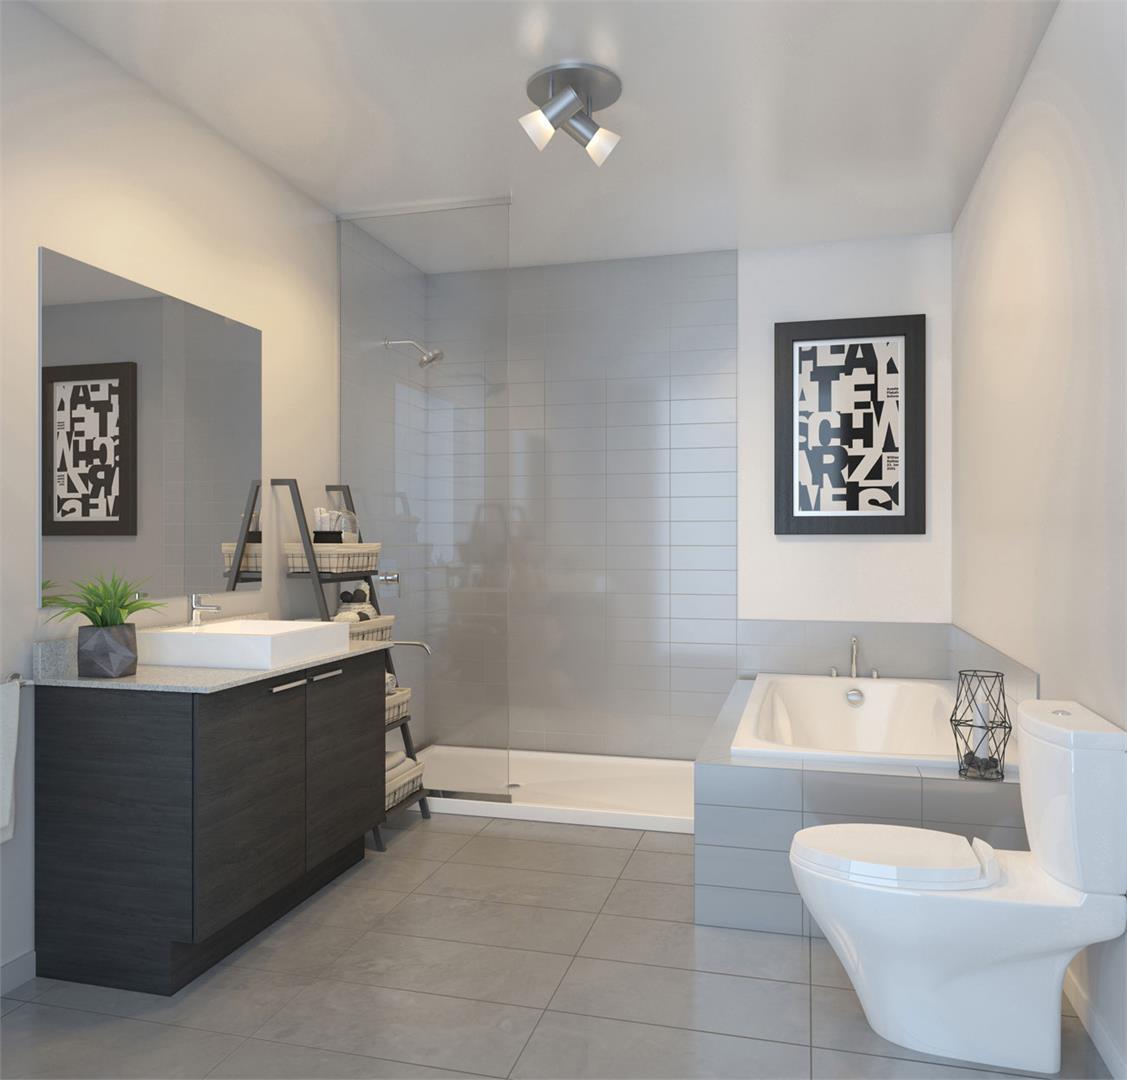 Condos Lespérance Phase 2 Bathroom, Montréal